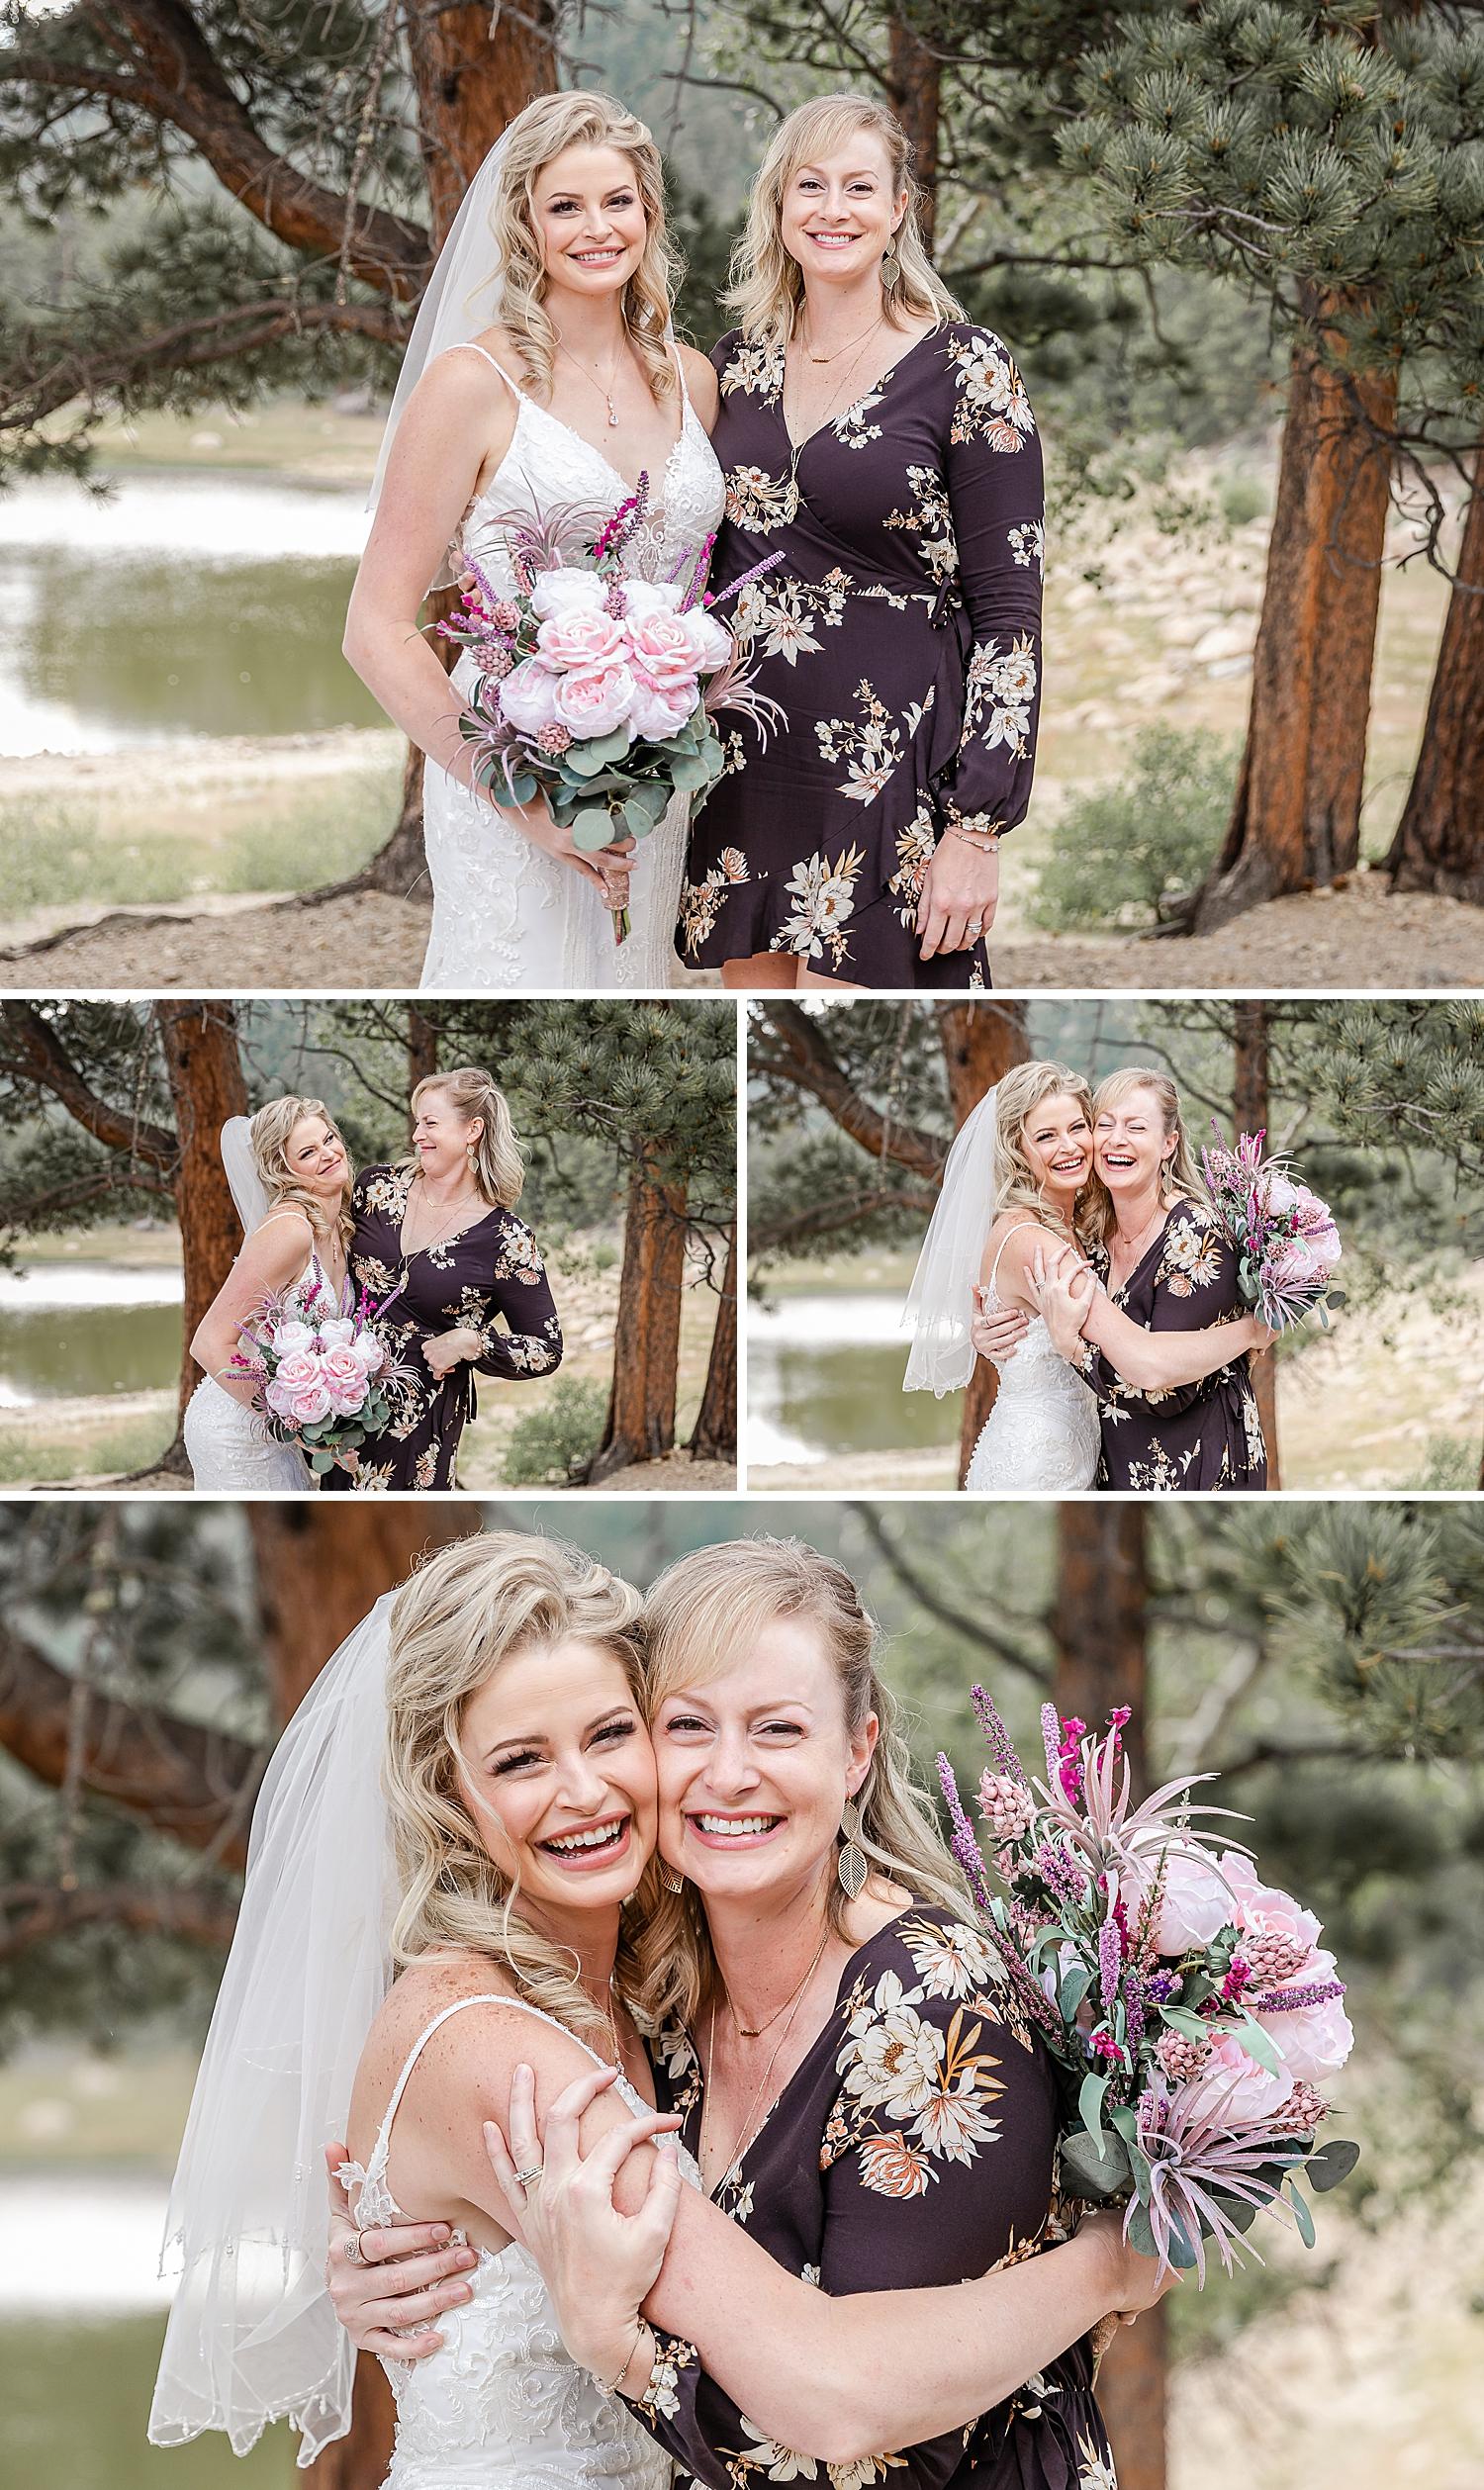 Carly-Barton-Photography-Rocky-Mountain-National-Park-Estes-Park-Wedding-Elopement_0106.jpg